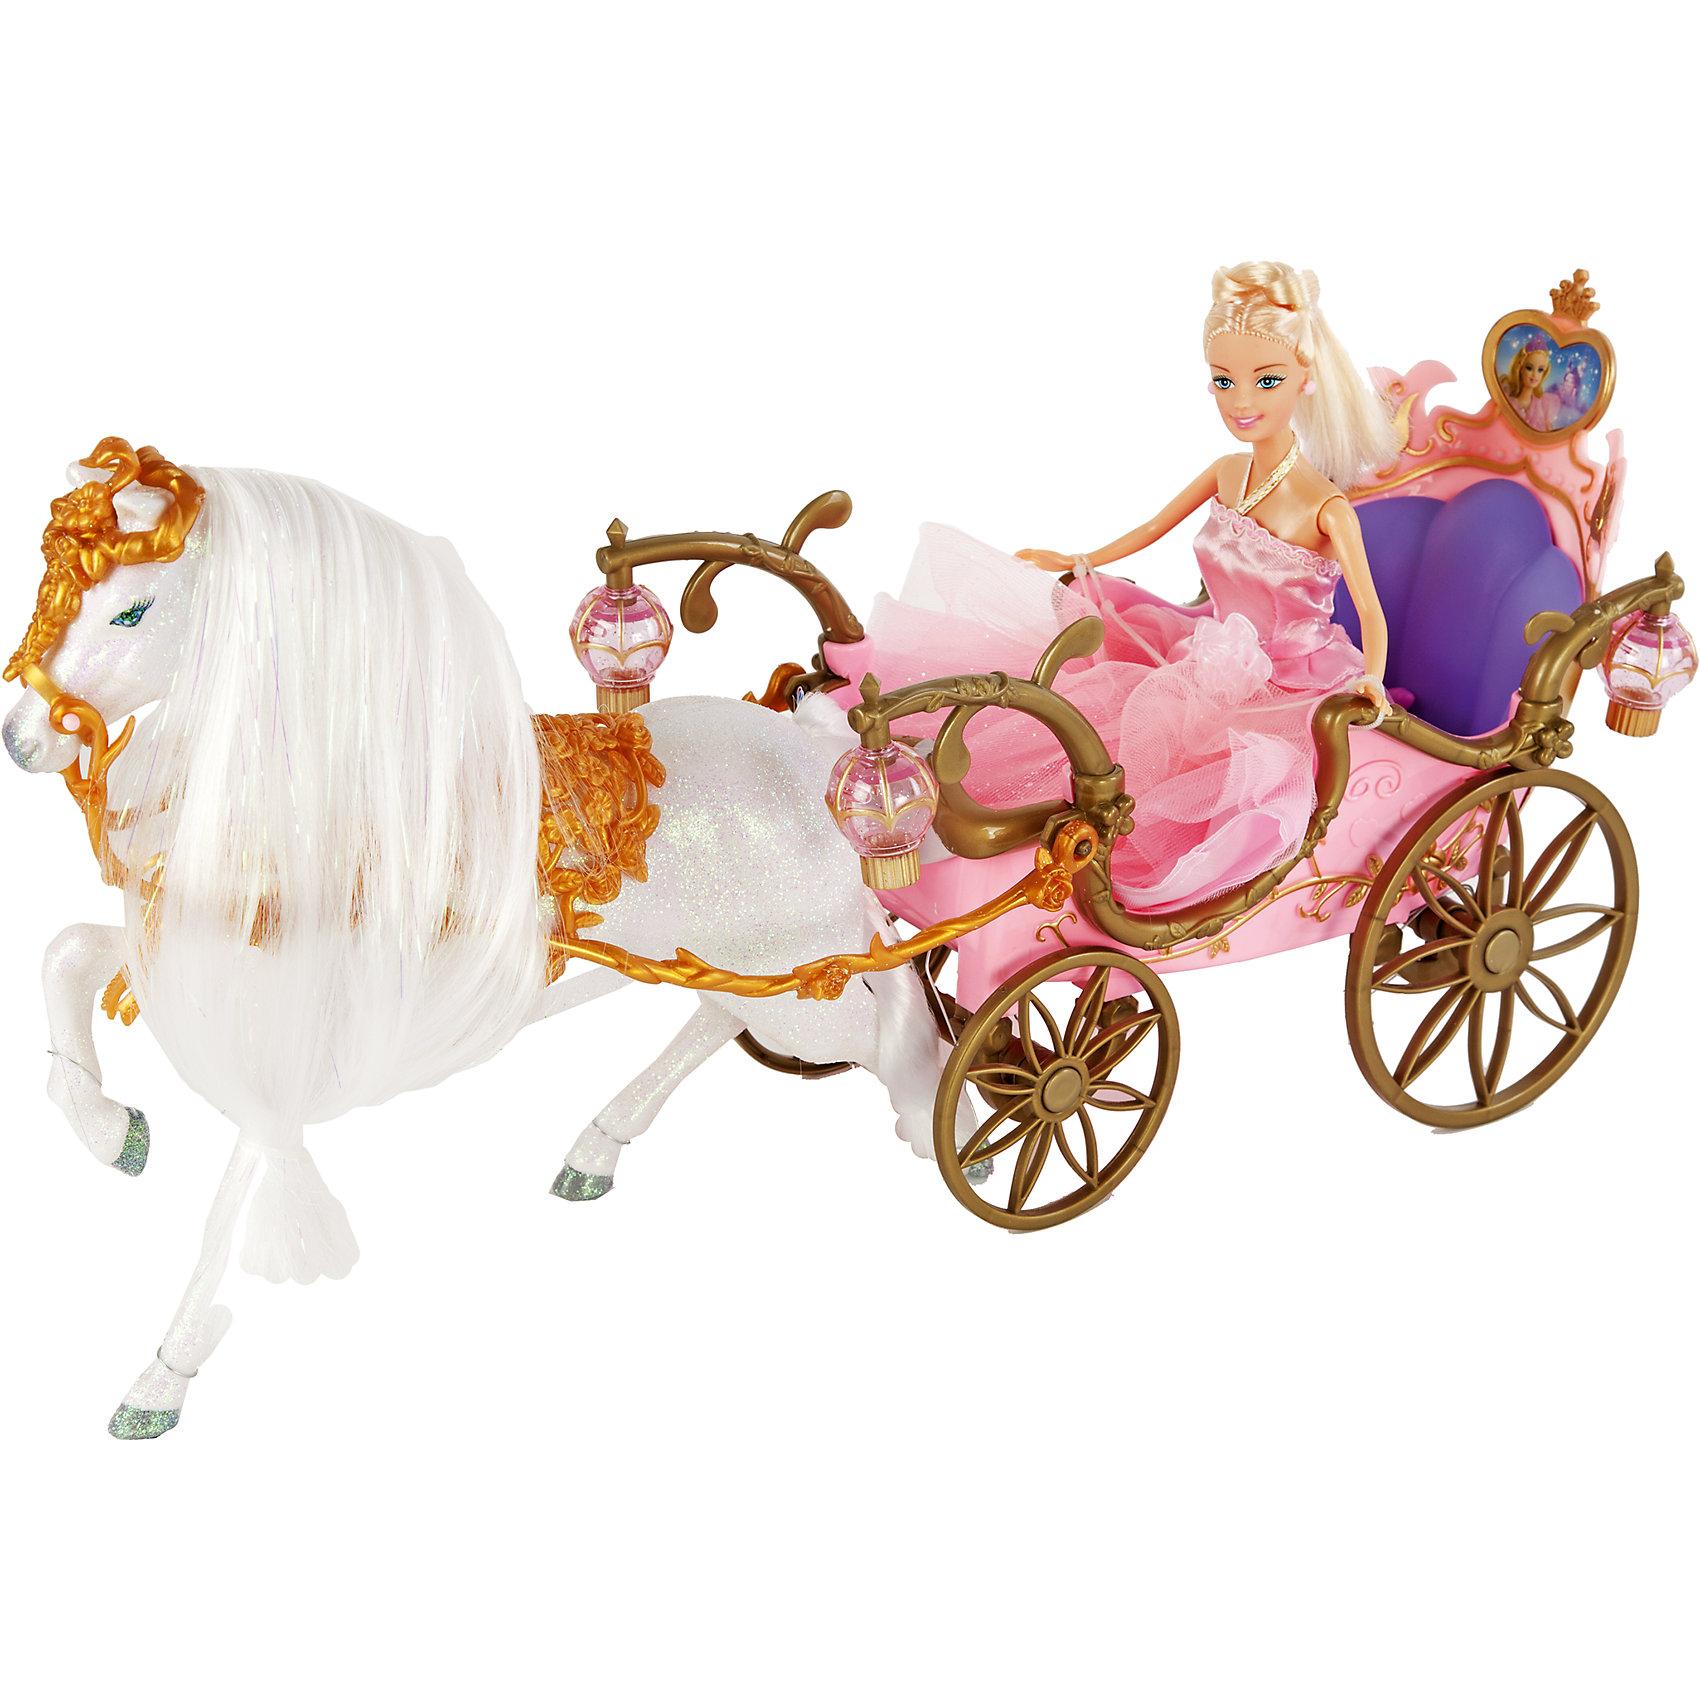 Карета с лошадью и принцессой, Shantou GepaiКарета с лошадью и принцессой, Shantou Gepai - это интересная кукла выглядит как настоящая принцесса! Прекрасная блестящая лошадь с длинной белой гривой выглядит под стать своей хозяйке. На лошади можно кататься и без кареты-повозки, или посадить на нее прекрасного принца. Уздечка и аксессуары лошадки представлены в старомодном стиле и составлены из золотых листиков. Элегантная карета принцессы оснащена четырьмя фонариками, которые работают на батарейках. У самой куклы очень нарядное розовое платье из материала и легкого фатина, она отправляется на бал в соседнее королевство! Играя с куклами дети познают человека со стороны общения между людьми, развивается моторика рук, внимание, воображение, такие игры положительно влияют на психологическое развитие. <br><br>Дополнительная информация:<br><br>- В комплект входит: 1 кукла в одежде, карета, лошадь, аксессуары<br>- Материал: текстиль, пластик <br>- Размер коробки: 56 * 19 * 30 см<br>- Размер куклы: 29 см.<br><br>Карету с лошадью и принцессой, Shantou Gepai можно купить в нашем интернет-магазине.<br><br>Подробнее:<br>• Для детей в возрасте: от 3 до 12 лет<br>• Номер товара: 4925511<br>Страна производитель: Китай<br><br>Ширина мм: 555<br>Глубина мм: 190<br>Высота мм: 300<br>Вес г: 25833<br>Возраст от месяцев: 36<br>Возраст до месяцев: 120<br>Пол: Женский<br>Возраст: Детский<br>SKU: 4925511